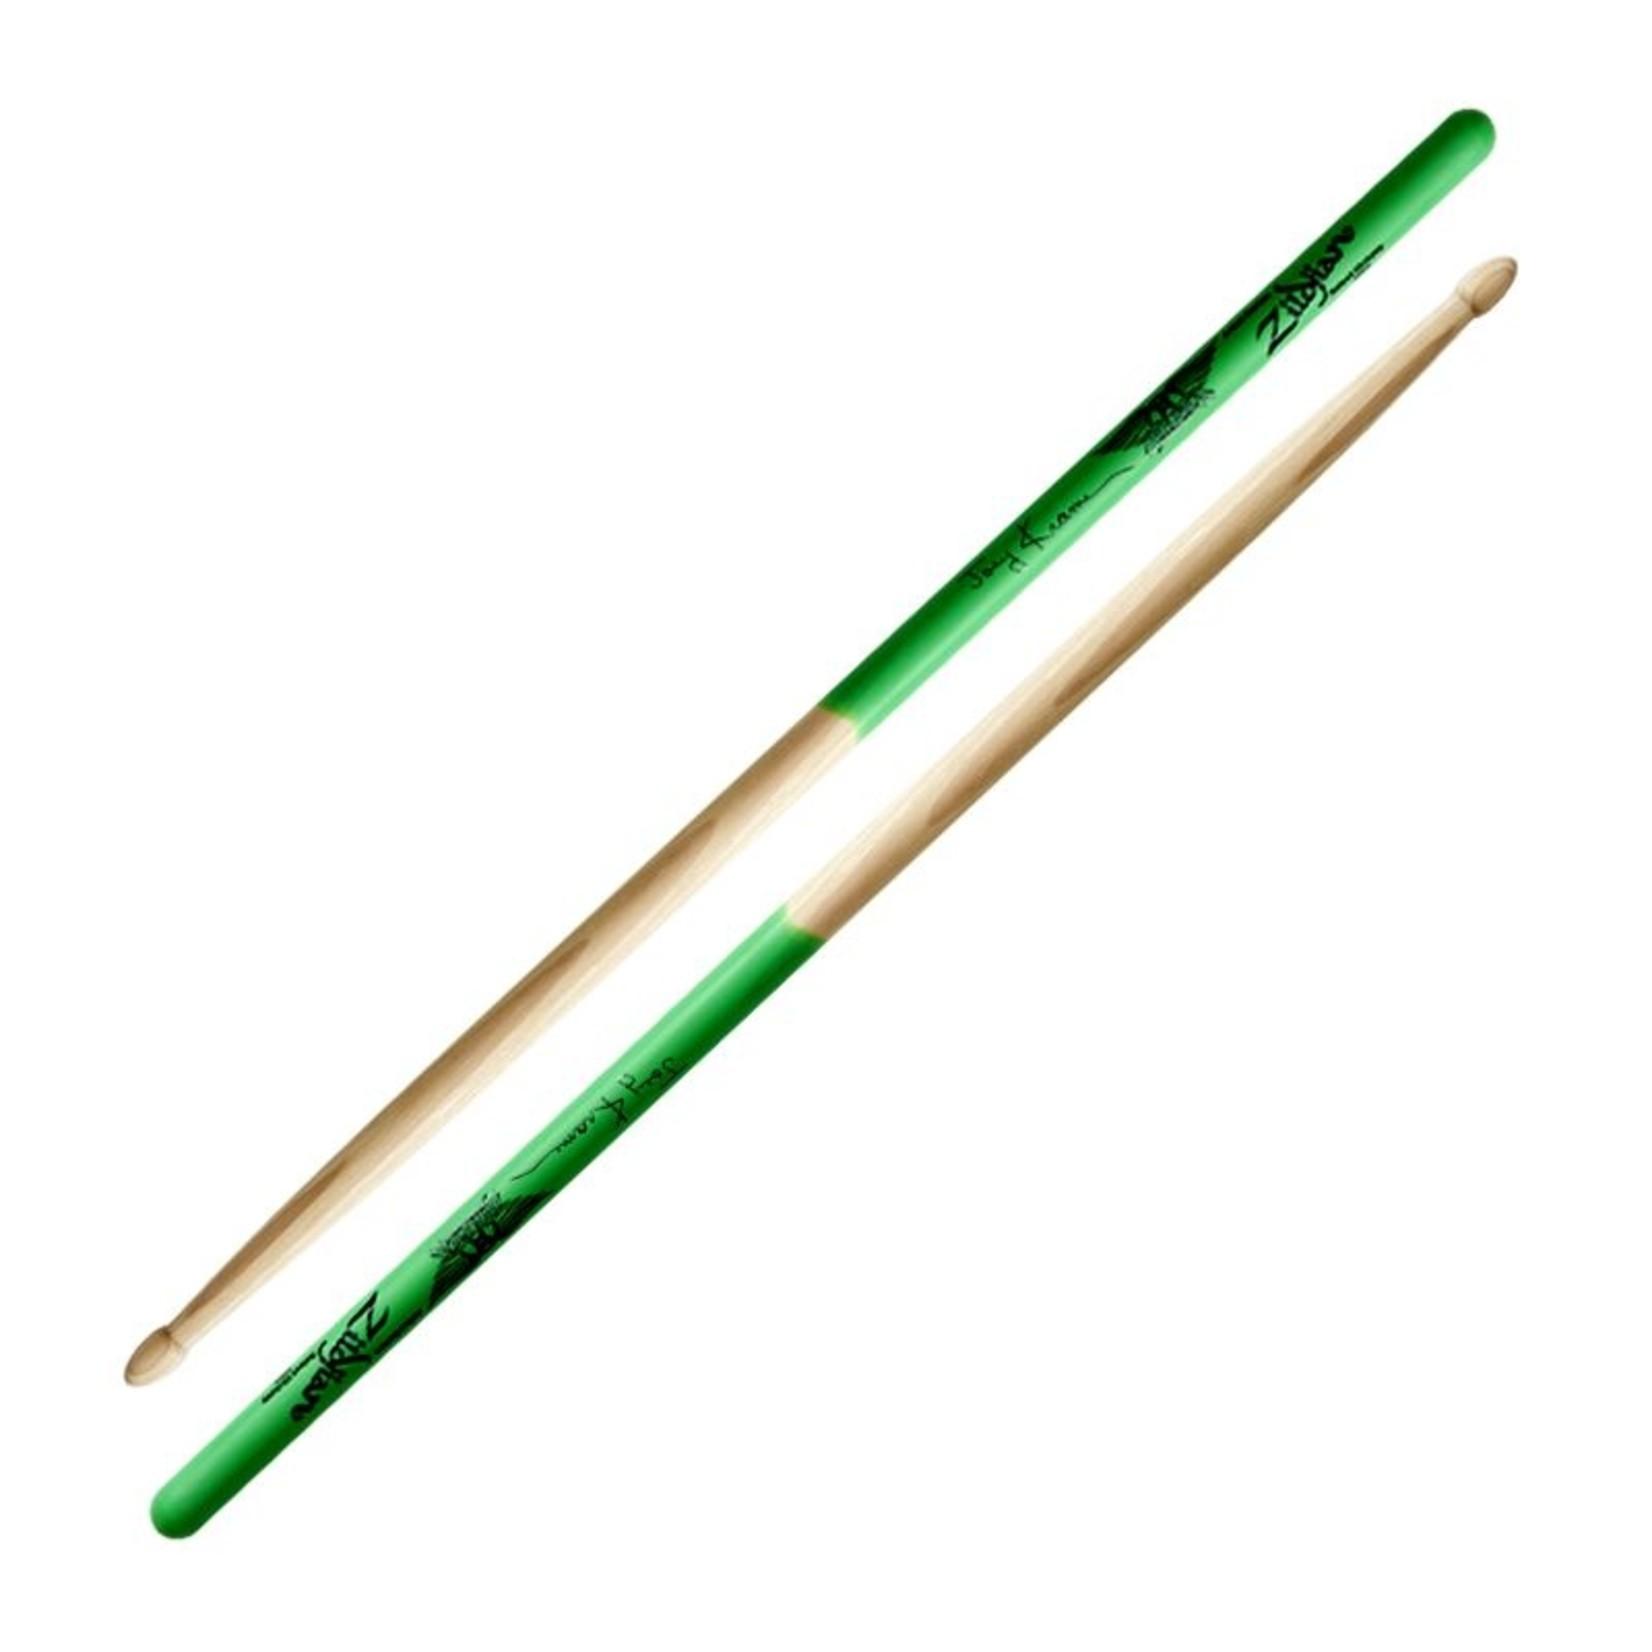 Zildjian Zildjian Joey Kramer Artist Series Drumsticks